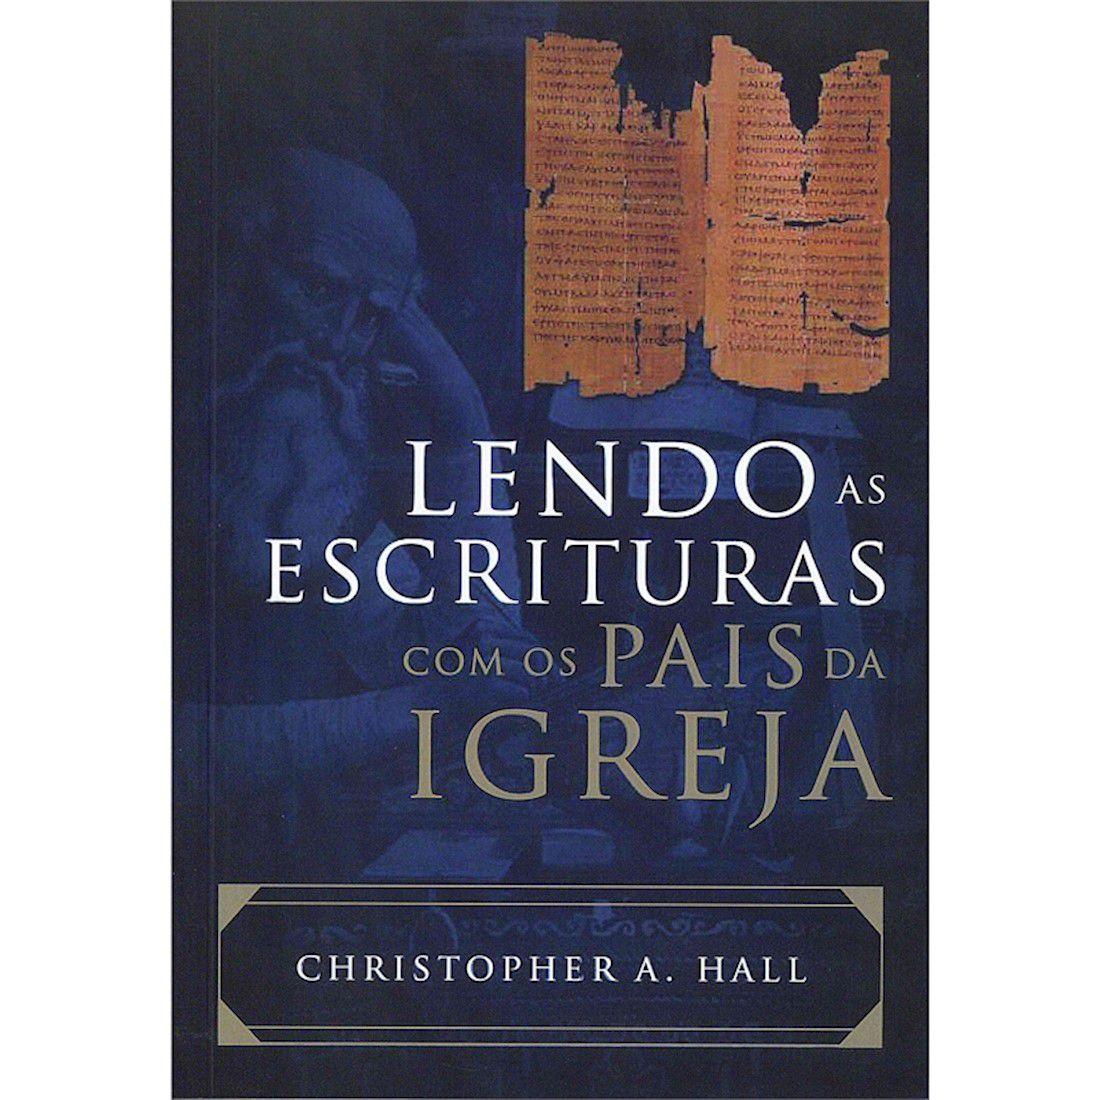 Livro Lendo as Escrituras com os Pais da Igreja (2o. edição)